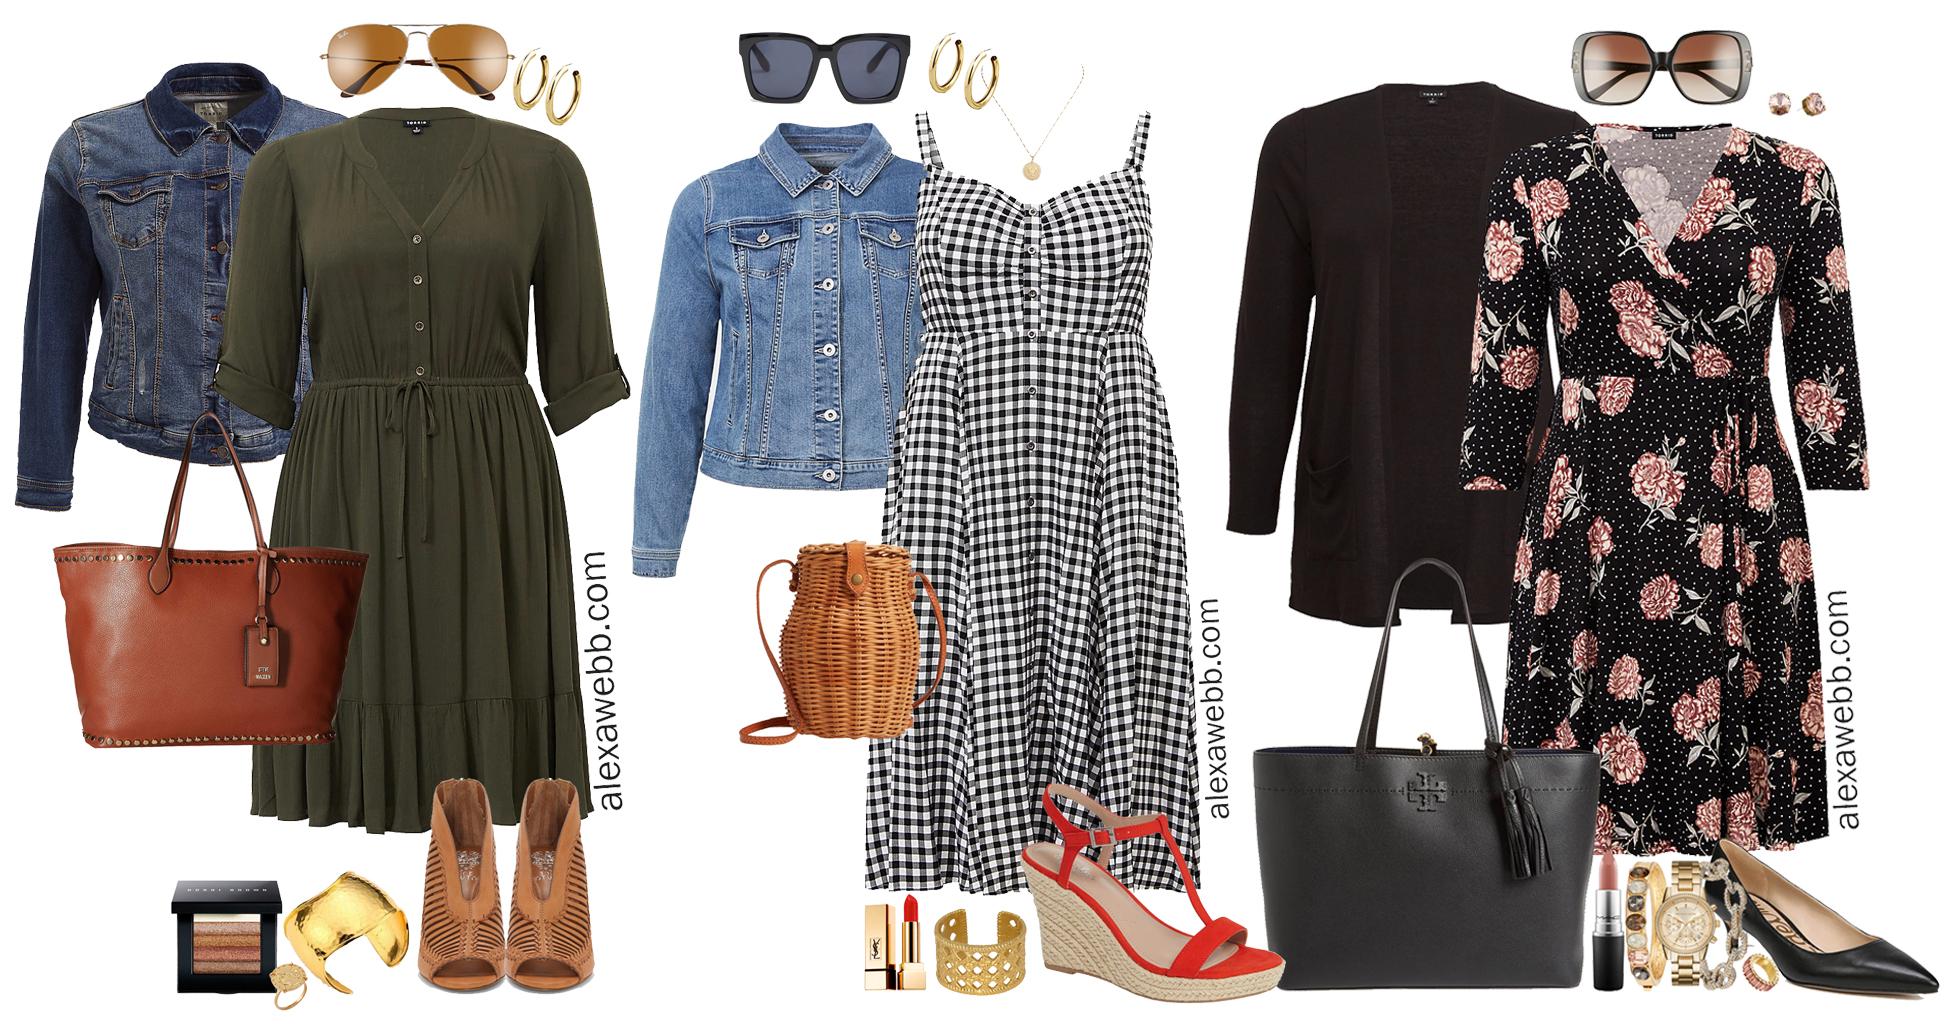 99a5e0d6da6 Plus Size Spring Dresses - Alexa Webb